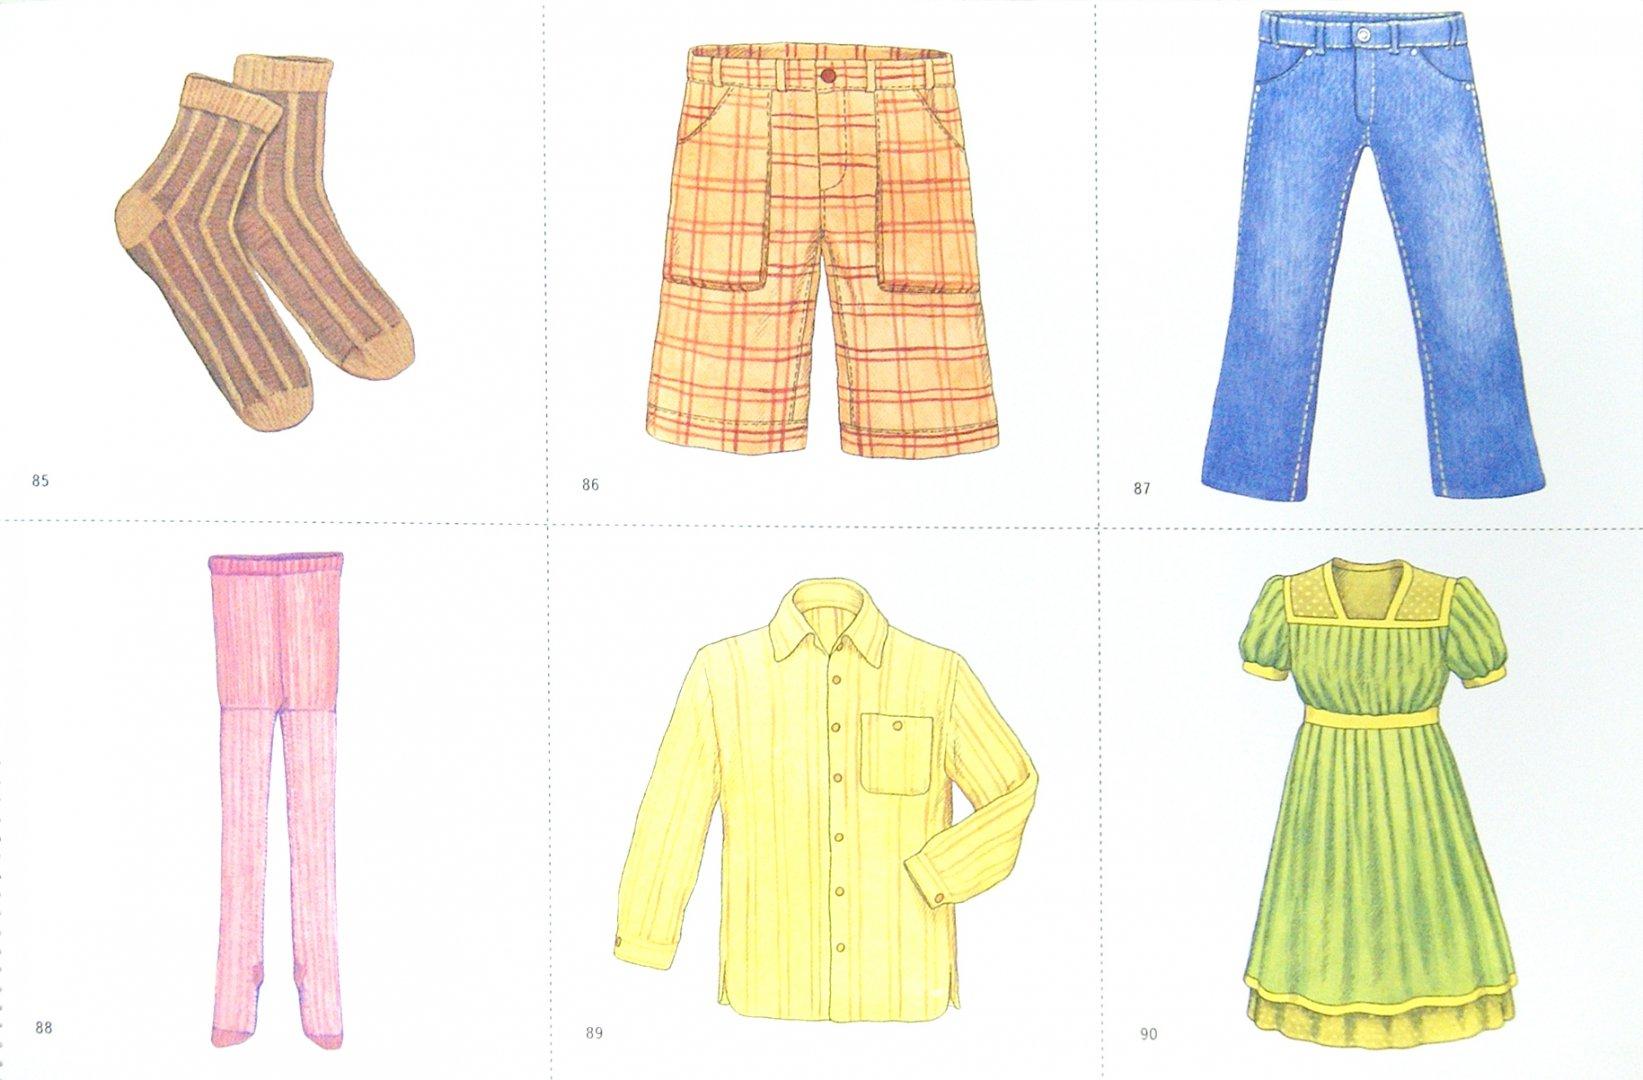 Картинки с одеждой для детского сада